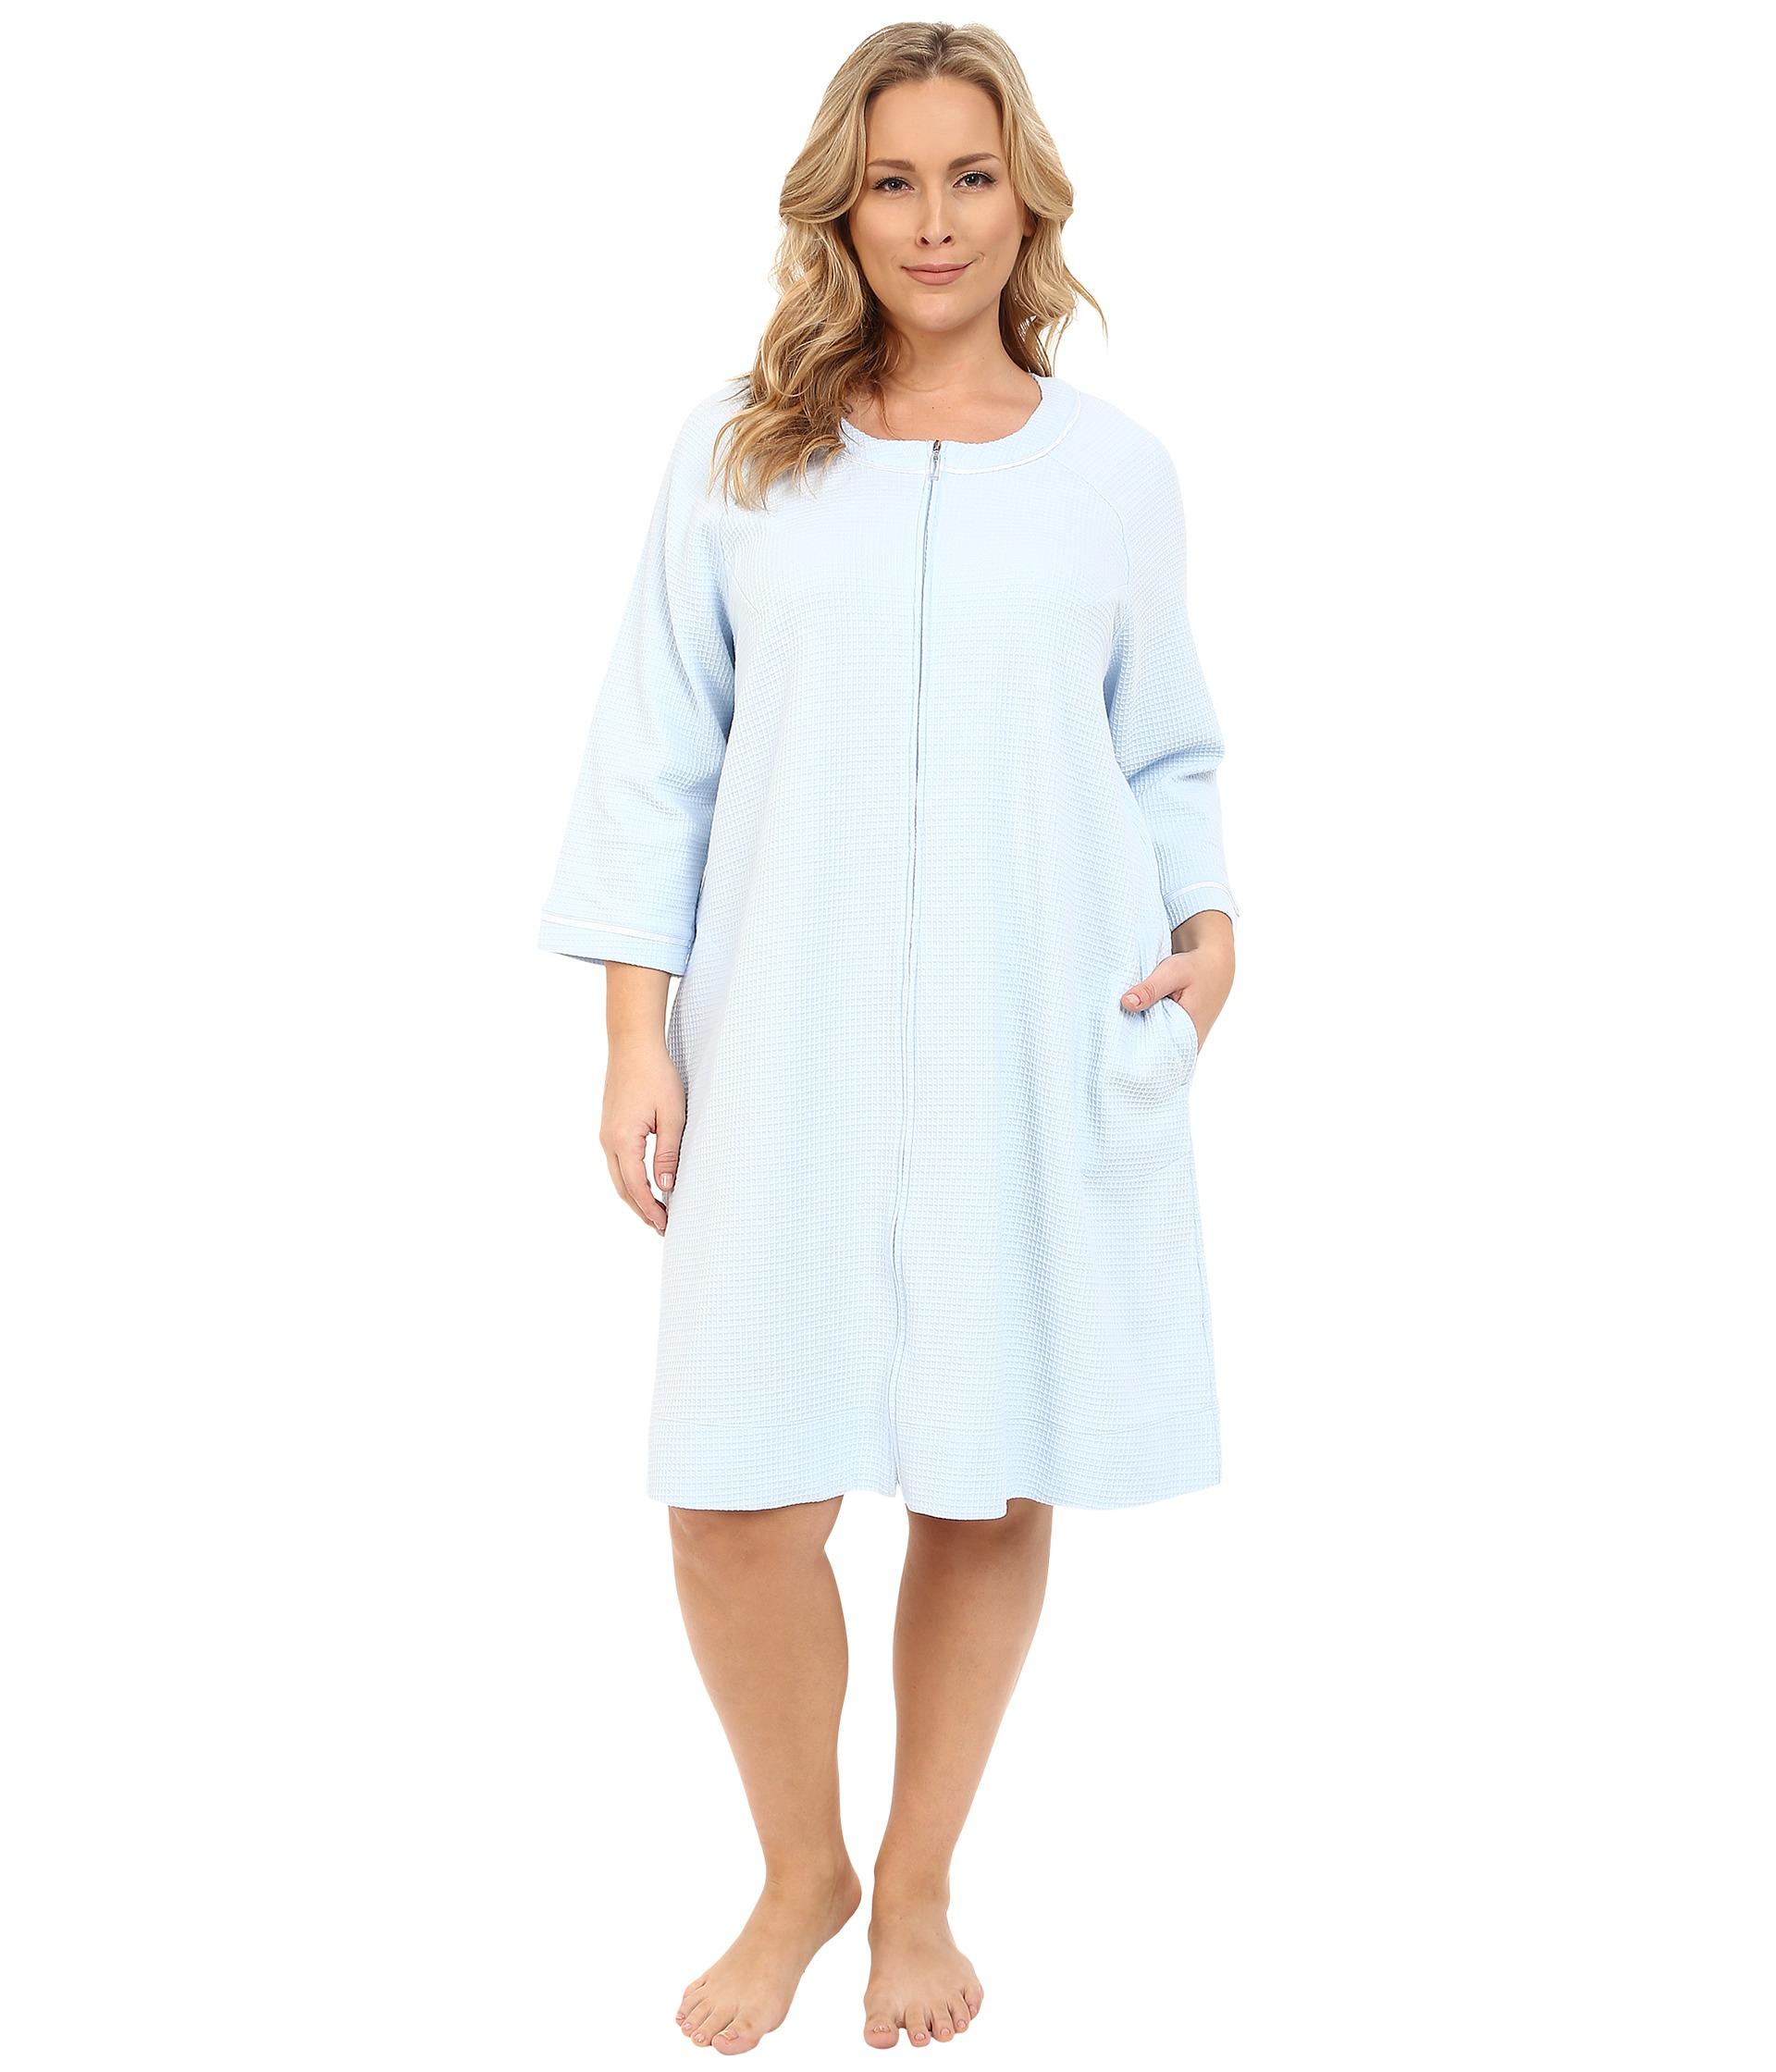 8d4dbf364e Lyst - Carole Hochman Plus Size Short Waffle Knit Zip Robe in Blue